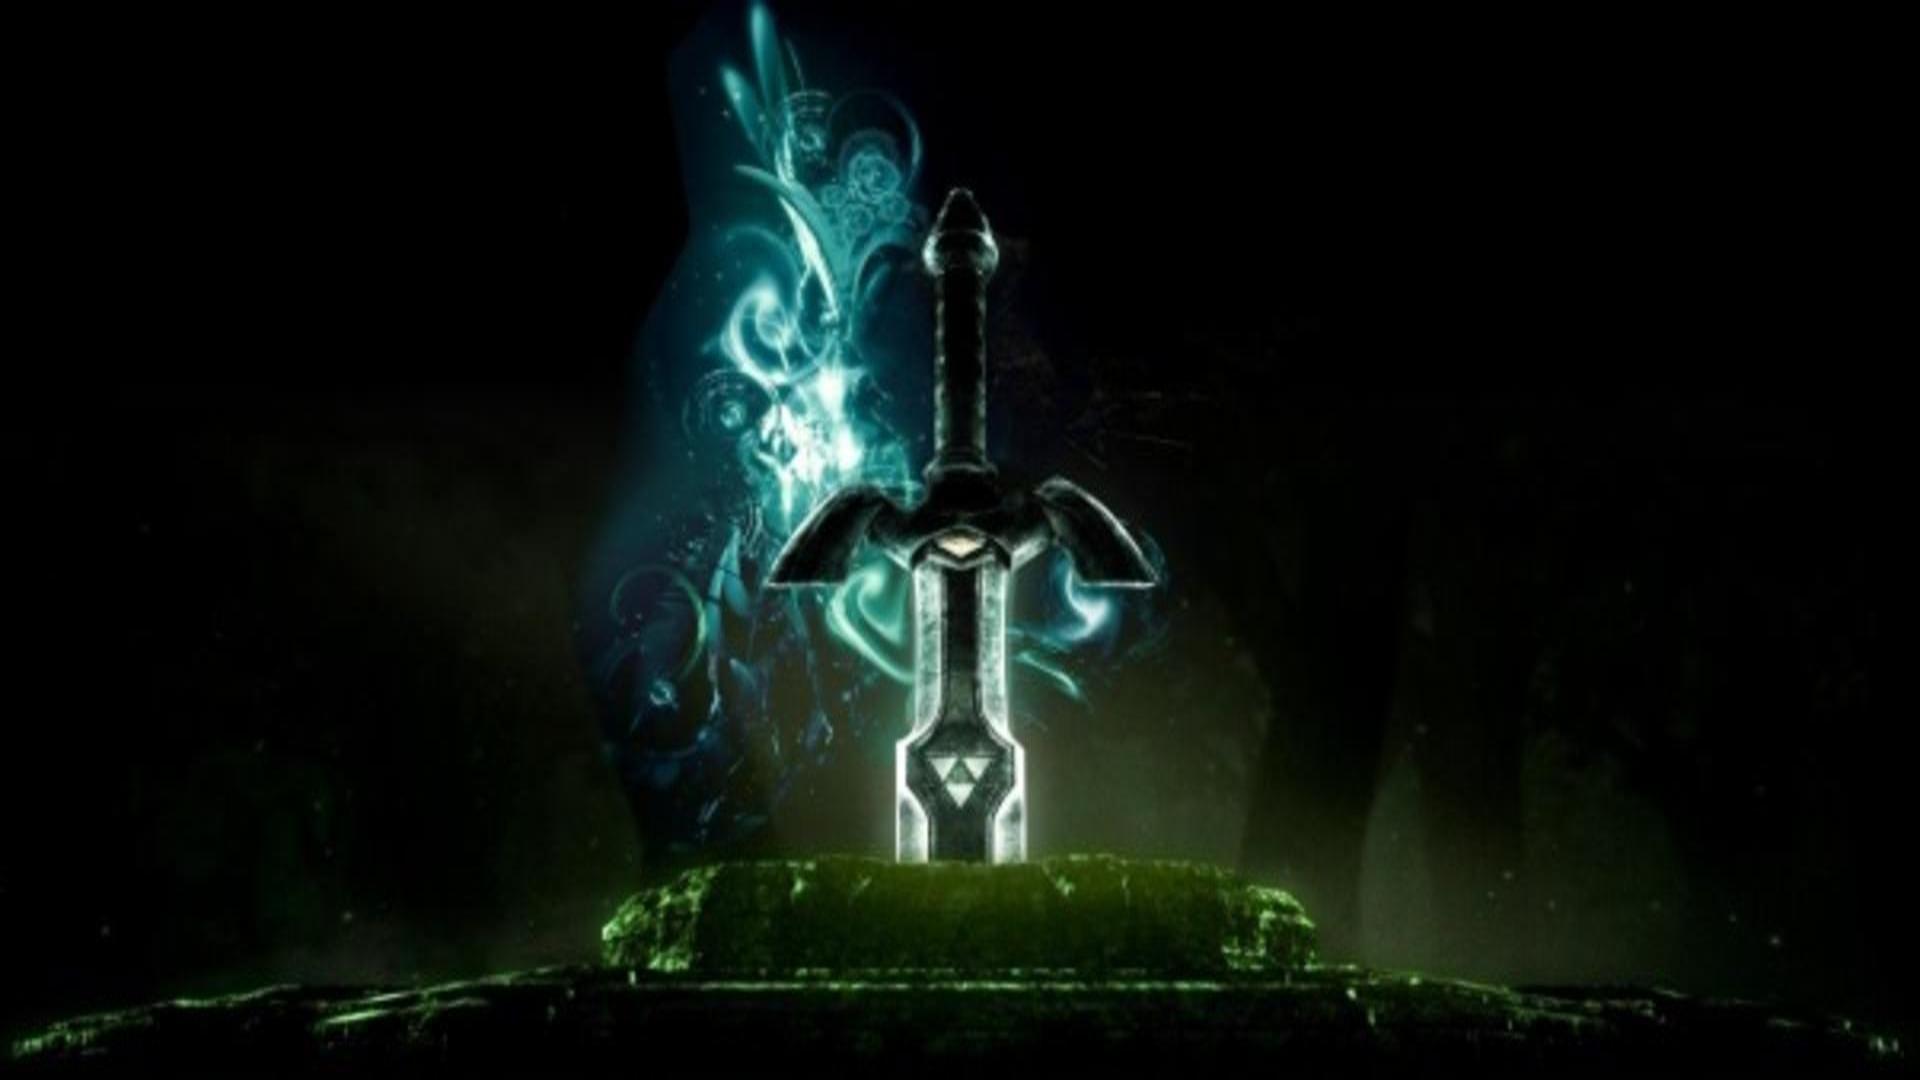 Gaming Wallpaper Dump Zelda Master Sword Master Sword Legend Of Zelda